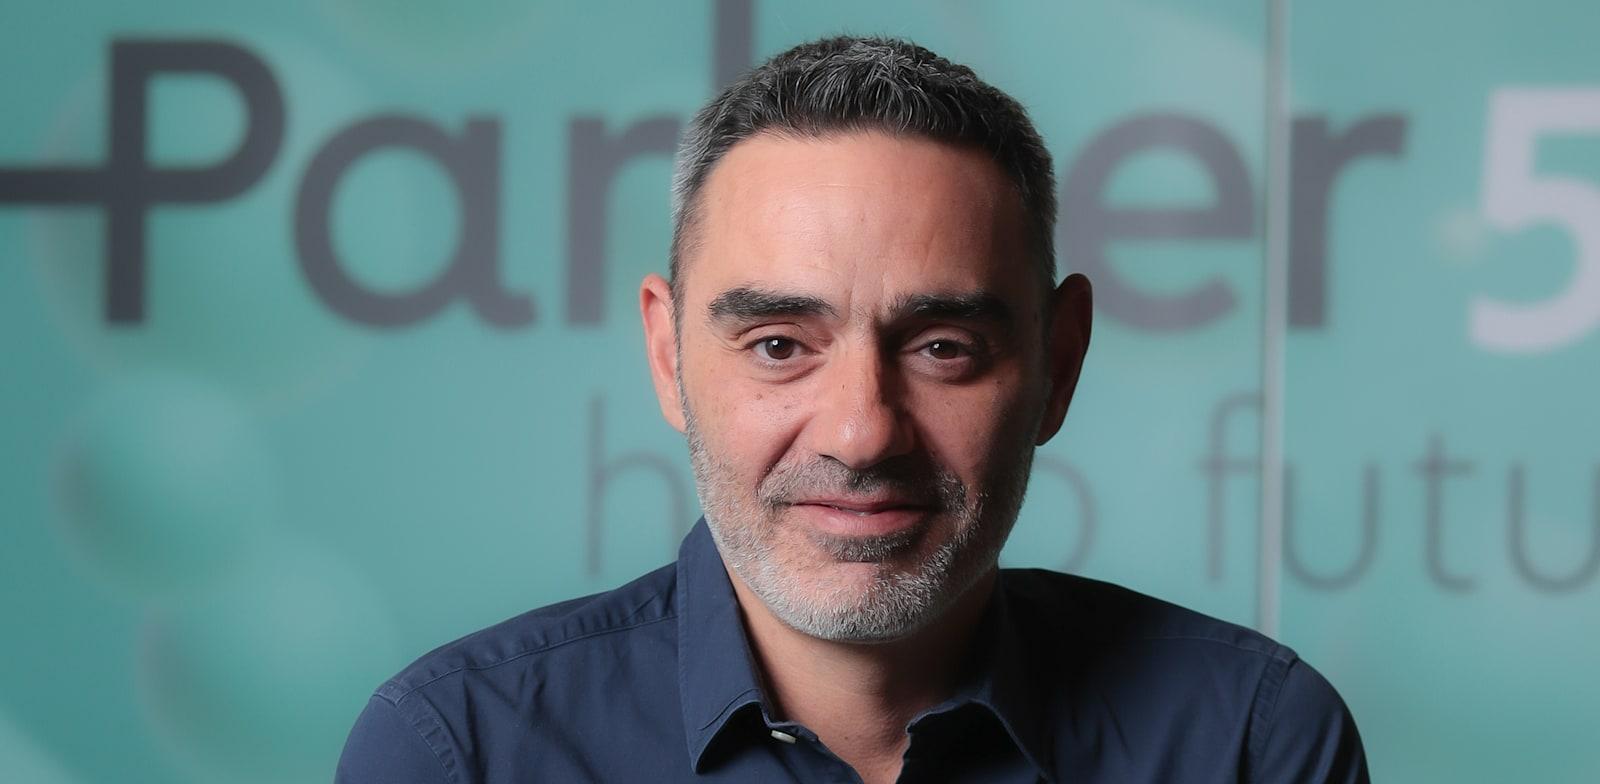 """מנכ""""ל פרטנר, אבי צבי / צילום: ישראל שם טוב"""